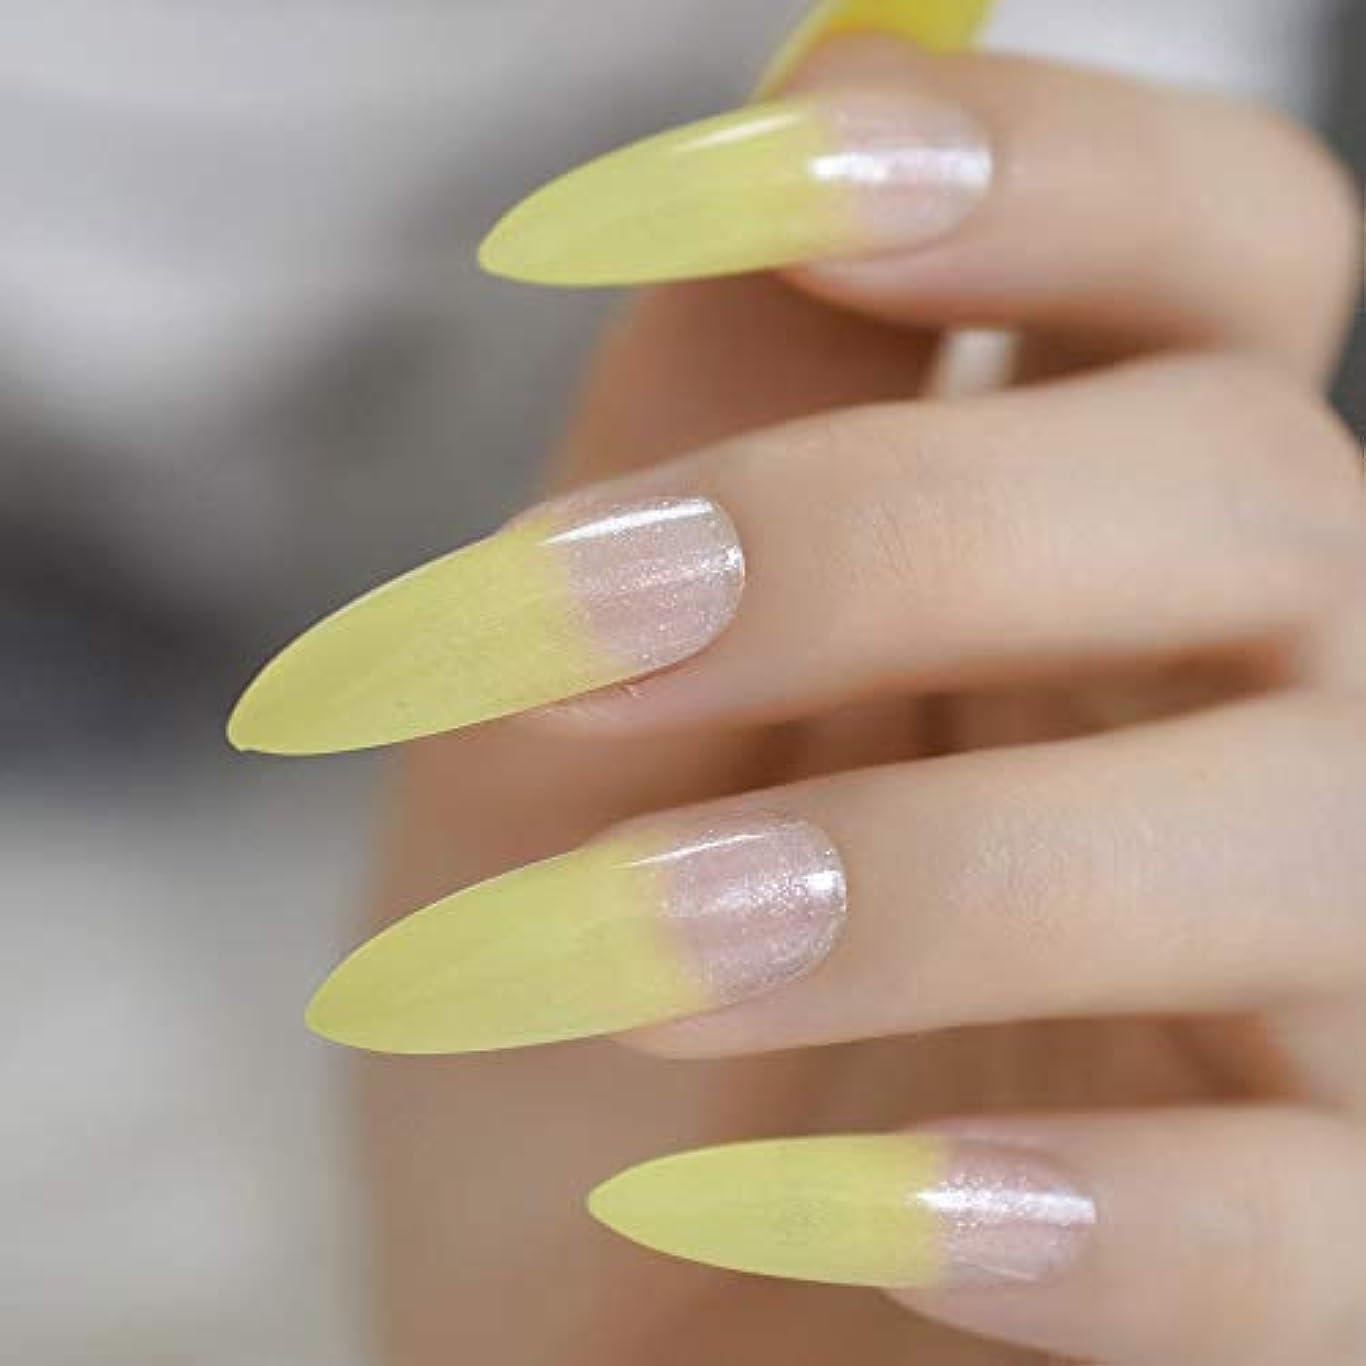 シーボードビジョン肯定的XUTXZKA 偽の指の爪のエクステンションデコに余分な長い爪の明るい黄色のグラデーションプレス